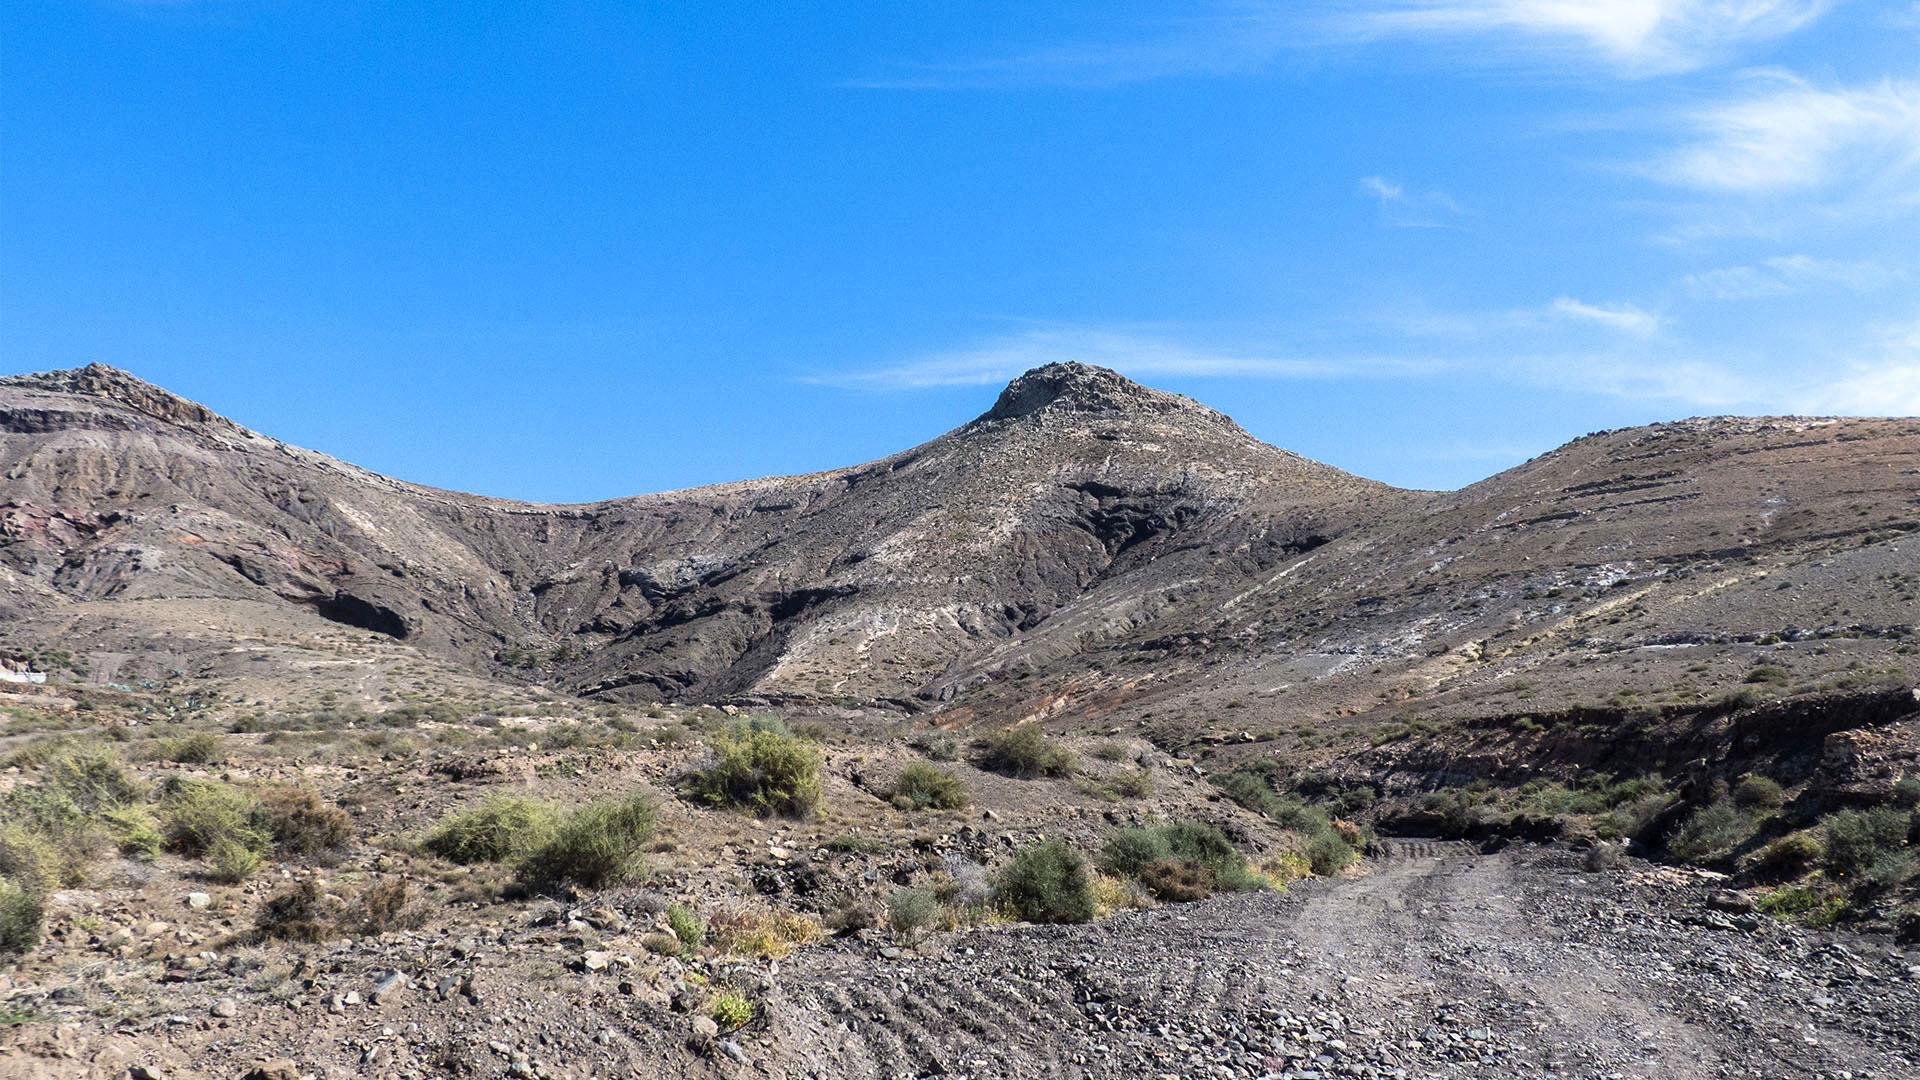 Sehenswürdigkeiten Fuerteventuras: Ampuyenta – Fuentes de Los Pocitos